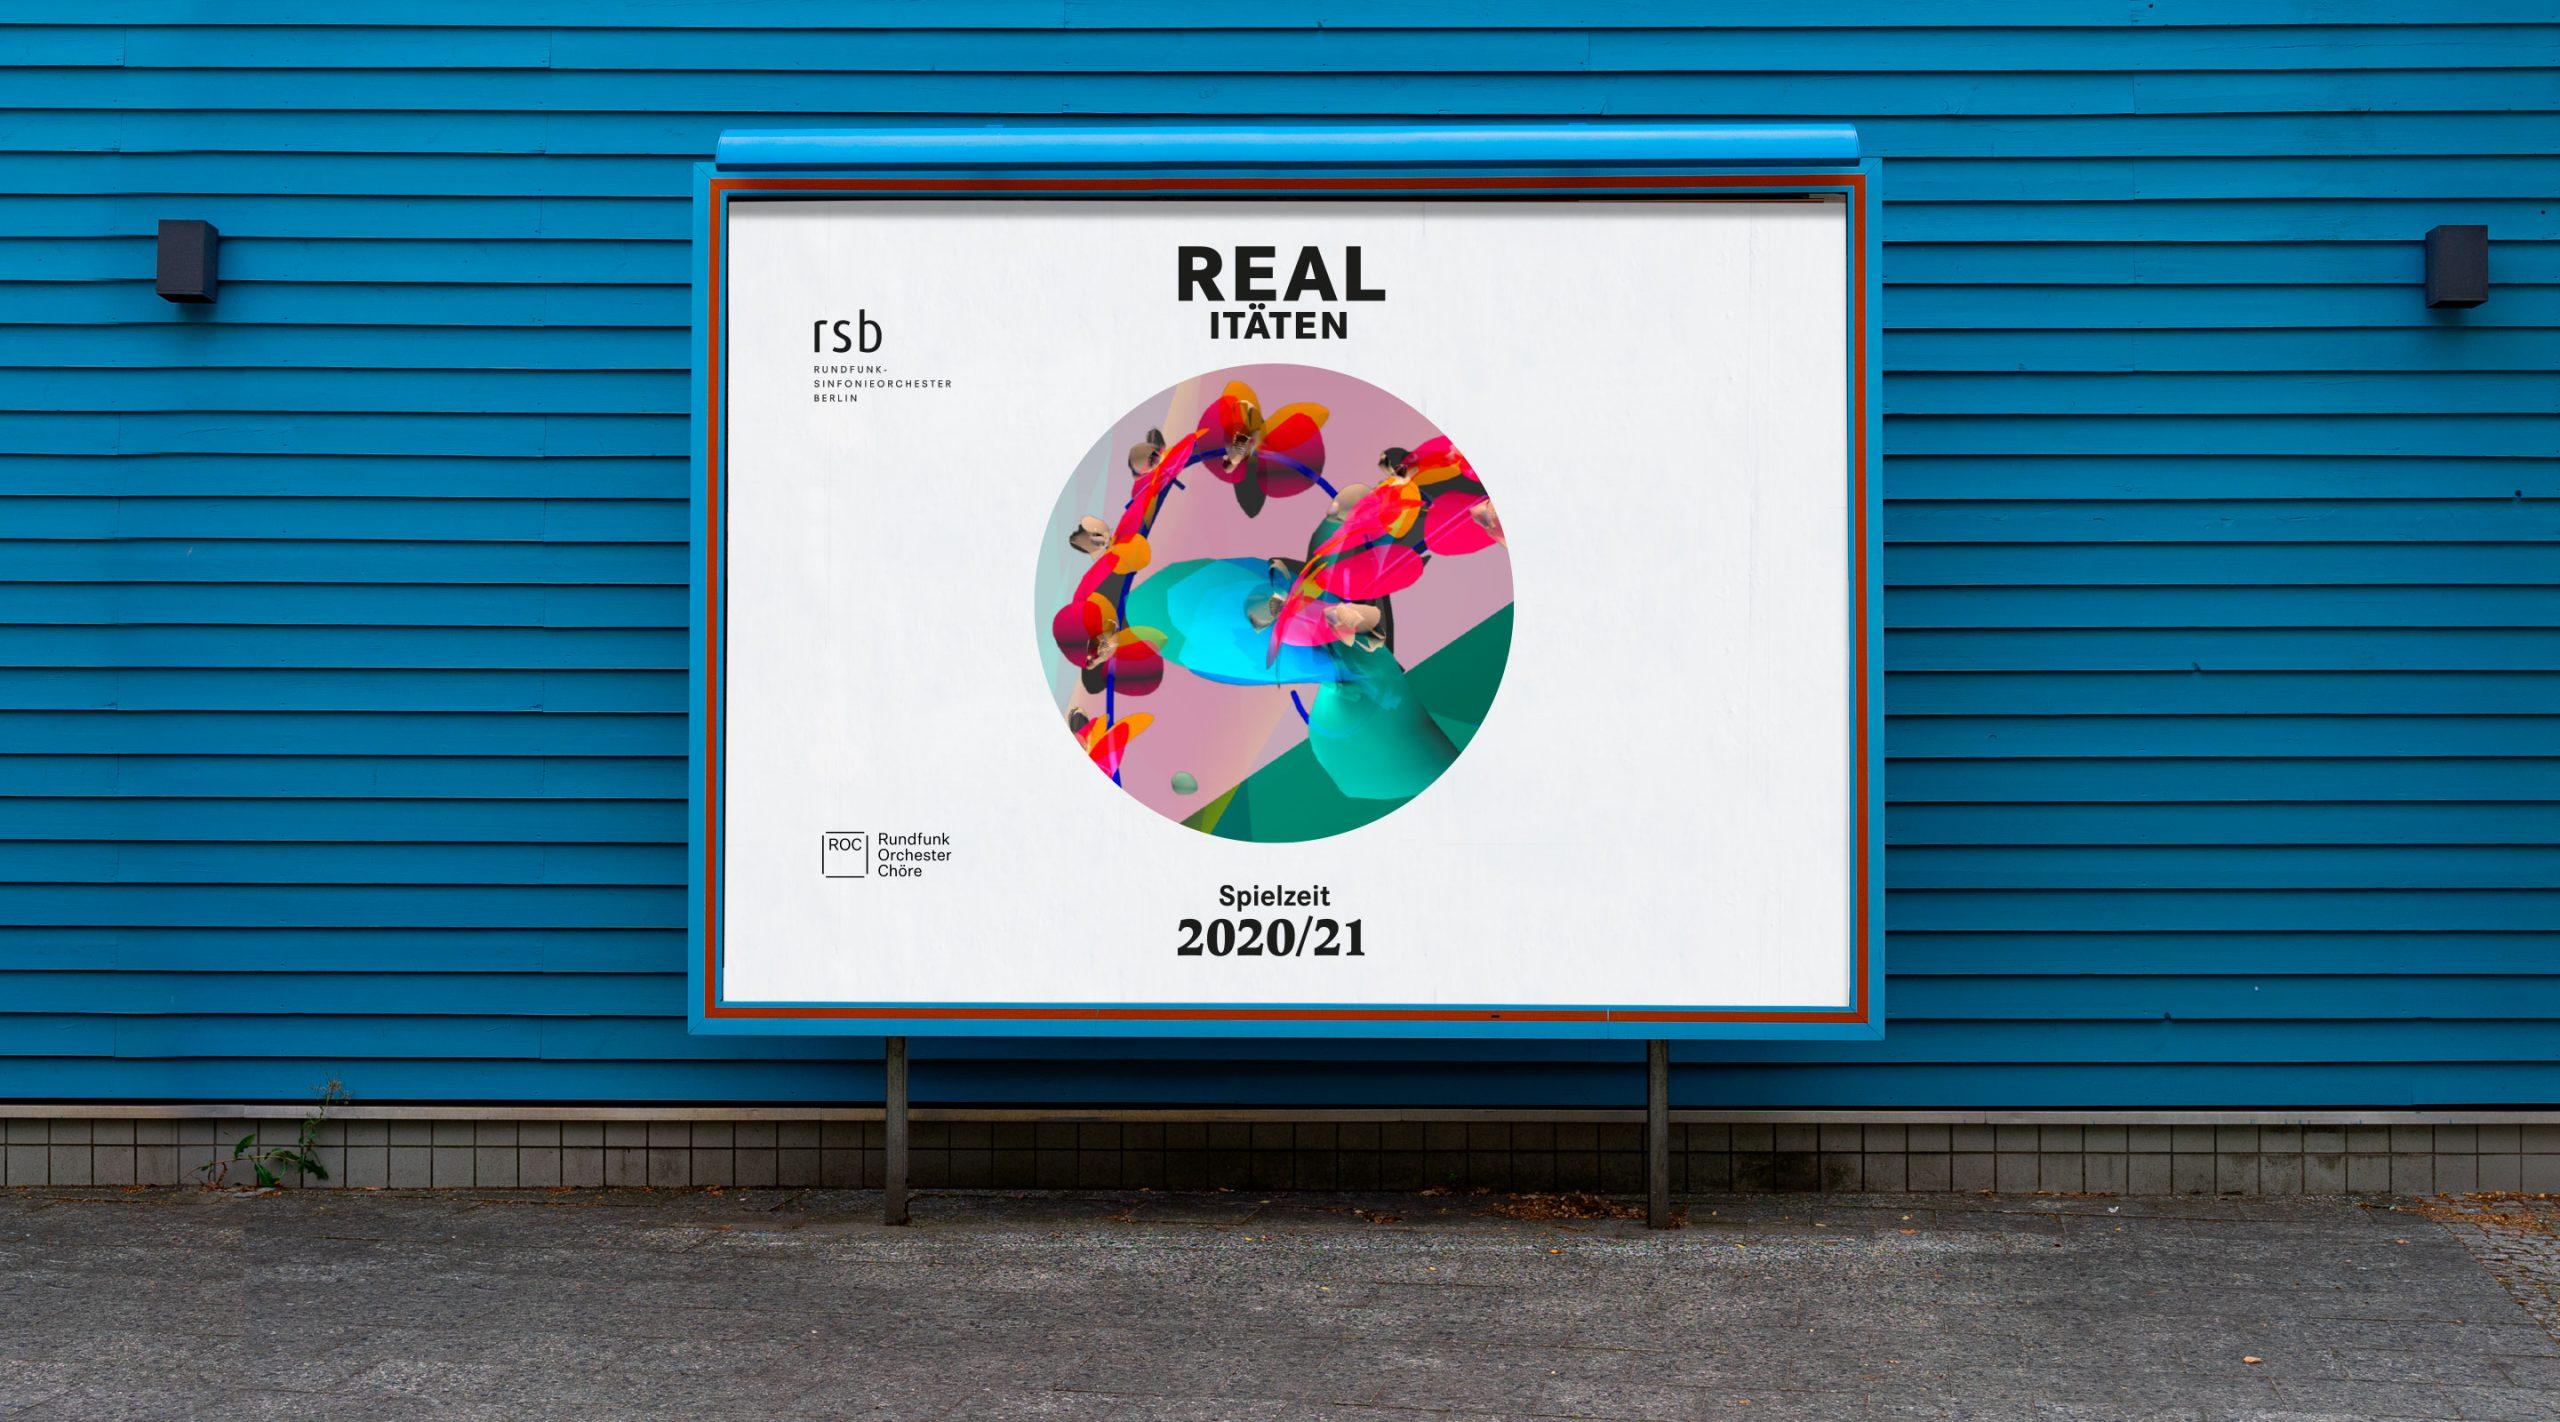 rsb Saison Motiv Poster vor blauer Wand – Uthmöller und Partner